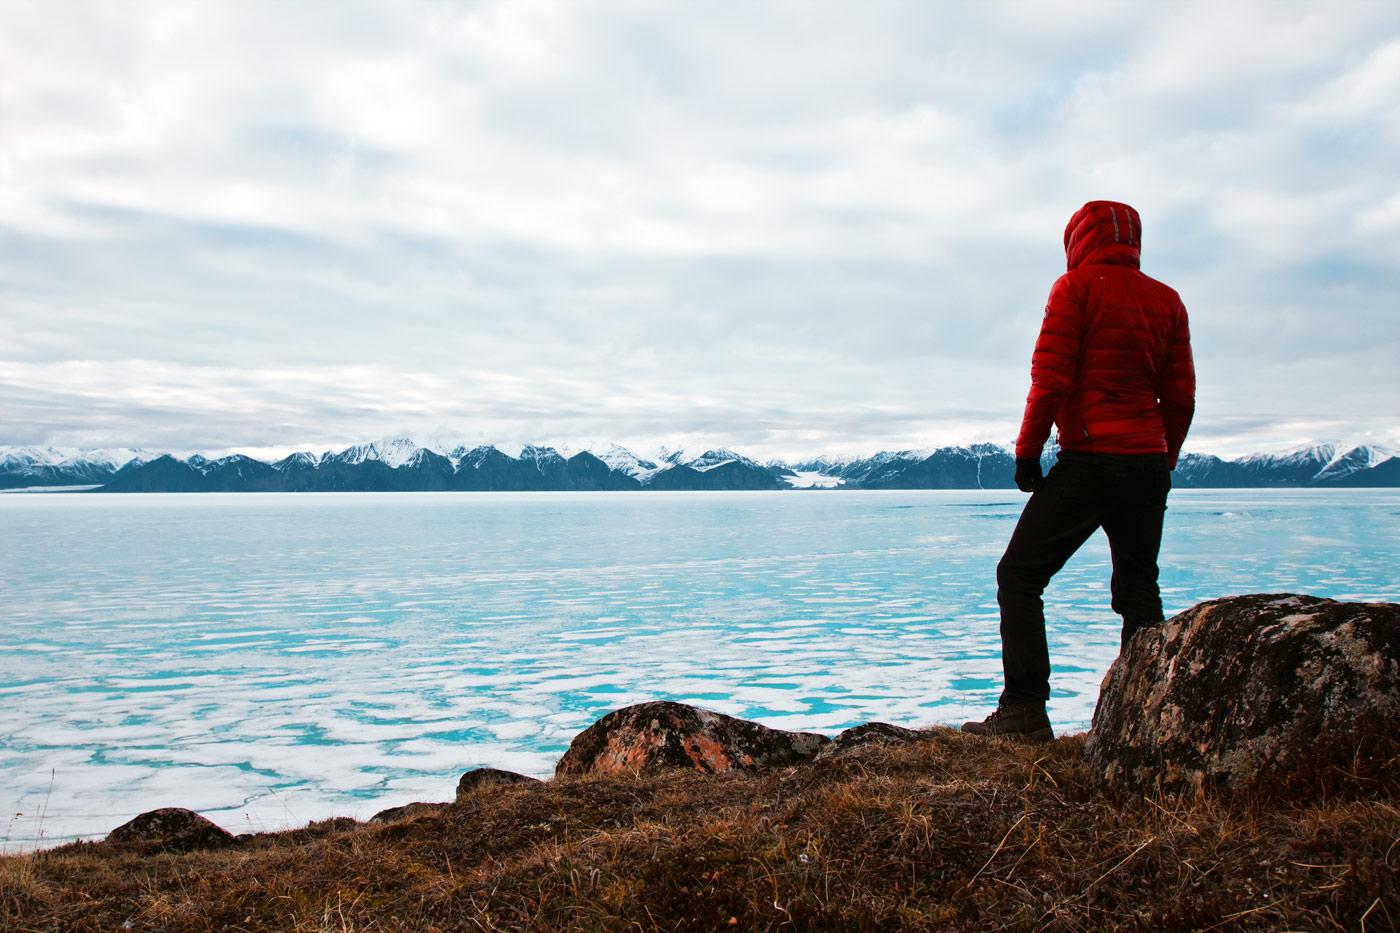 Nick-Zantop-Photography-Arctic-Canada-6